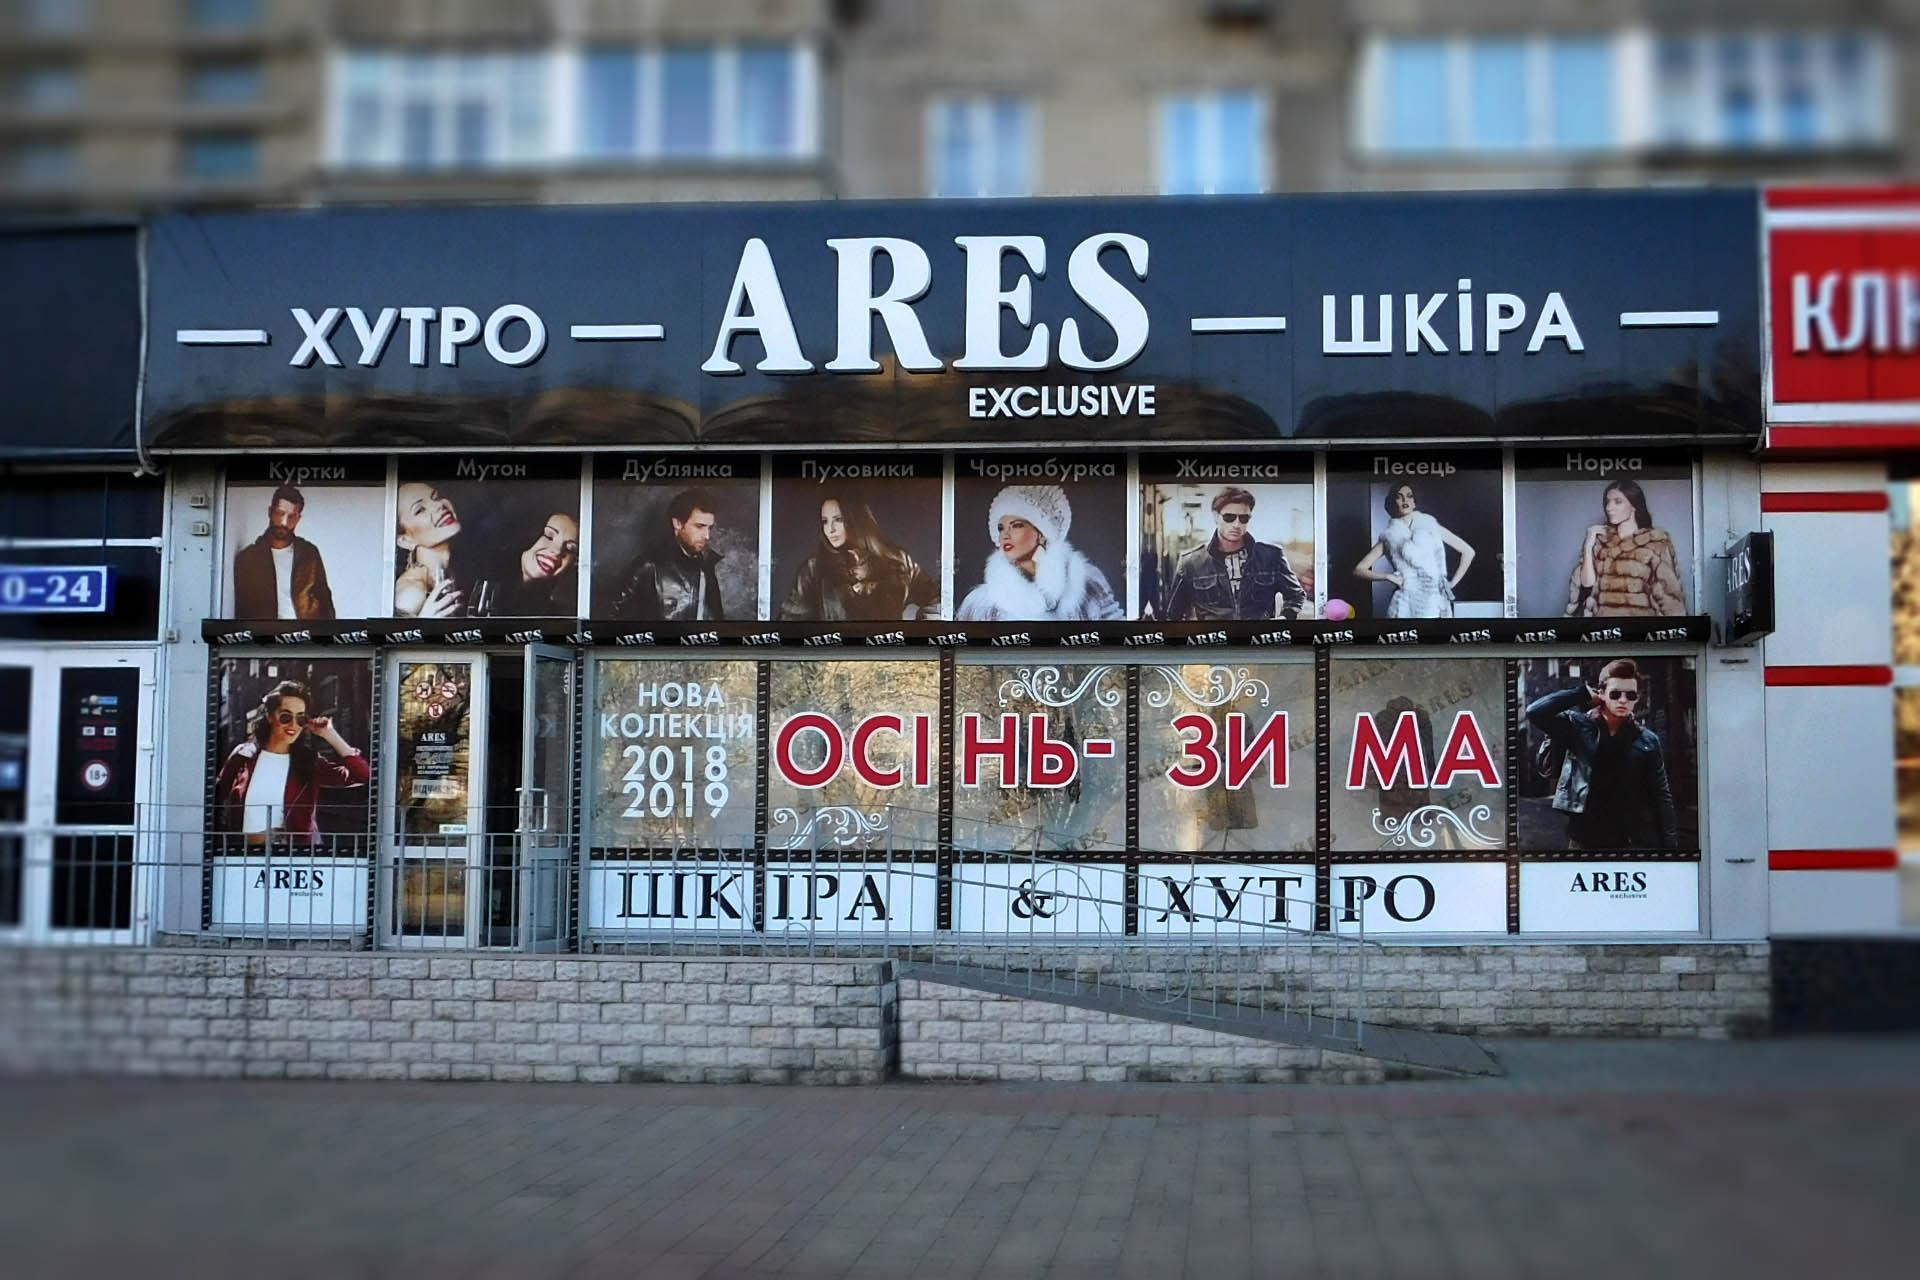 ARES. Вывеска, наружная реклама, реклама в сумах, реклама сумы, апельсин сумы, рекламное агентство сумы